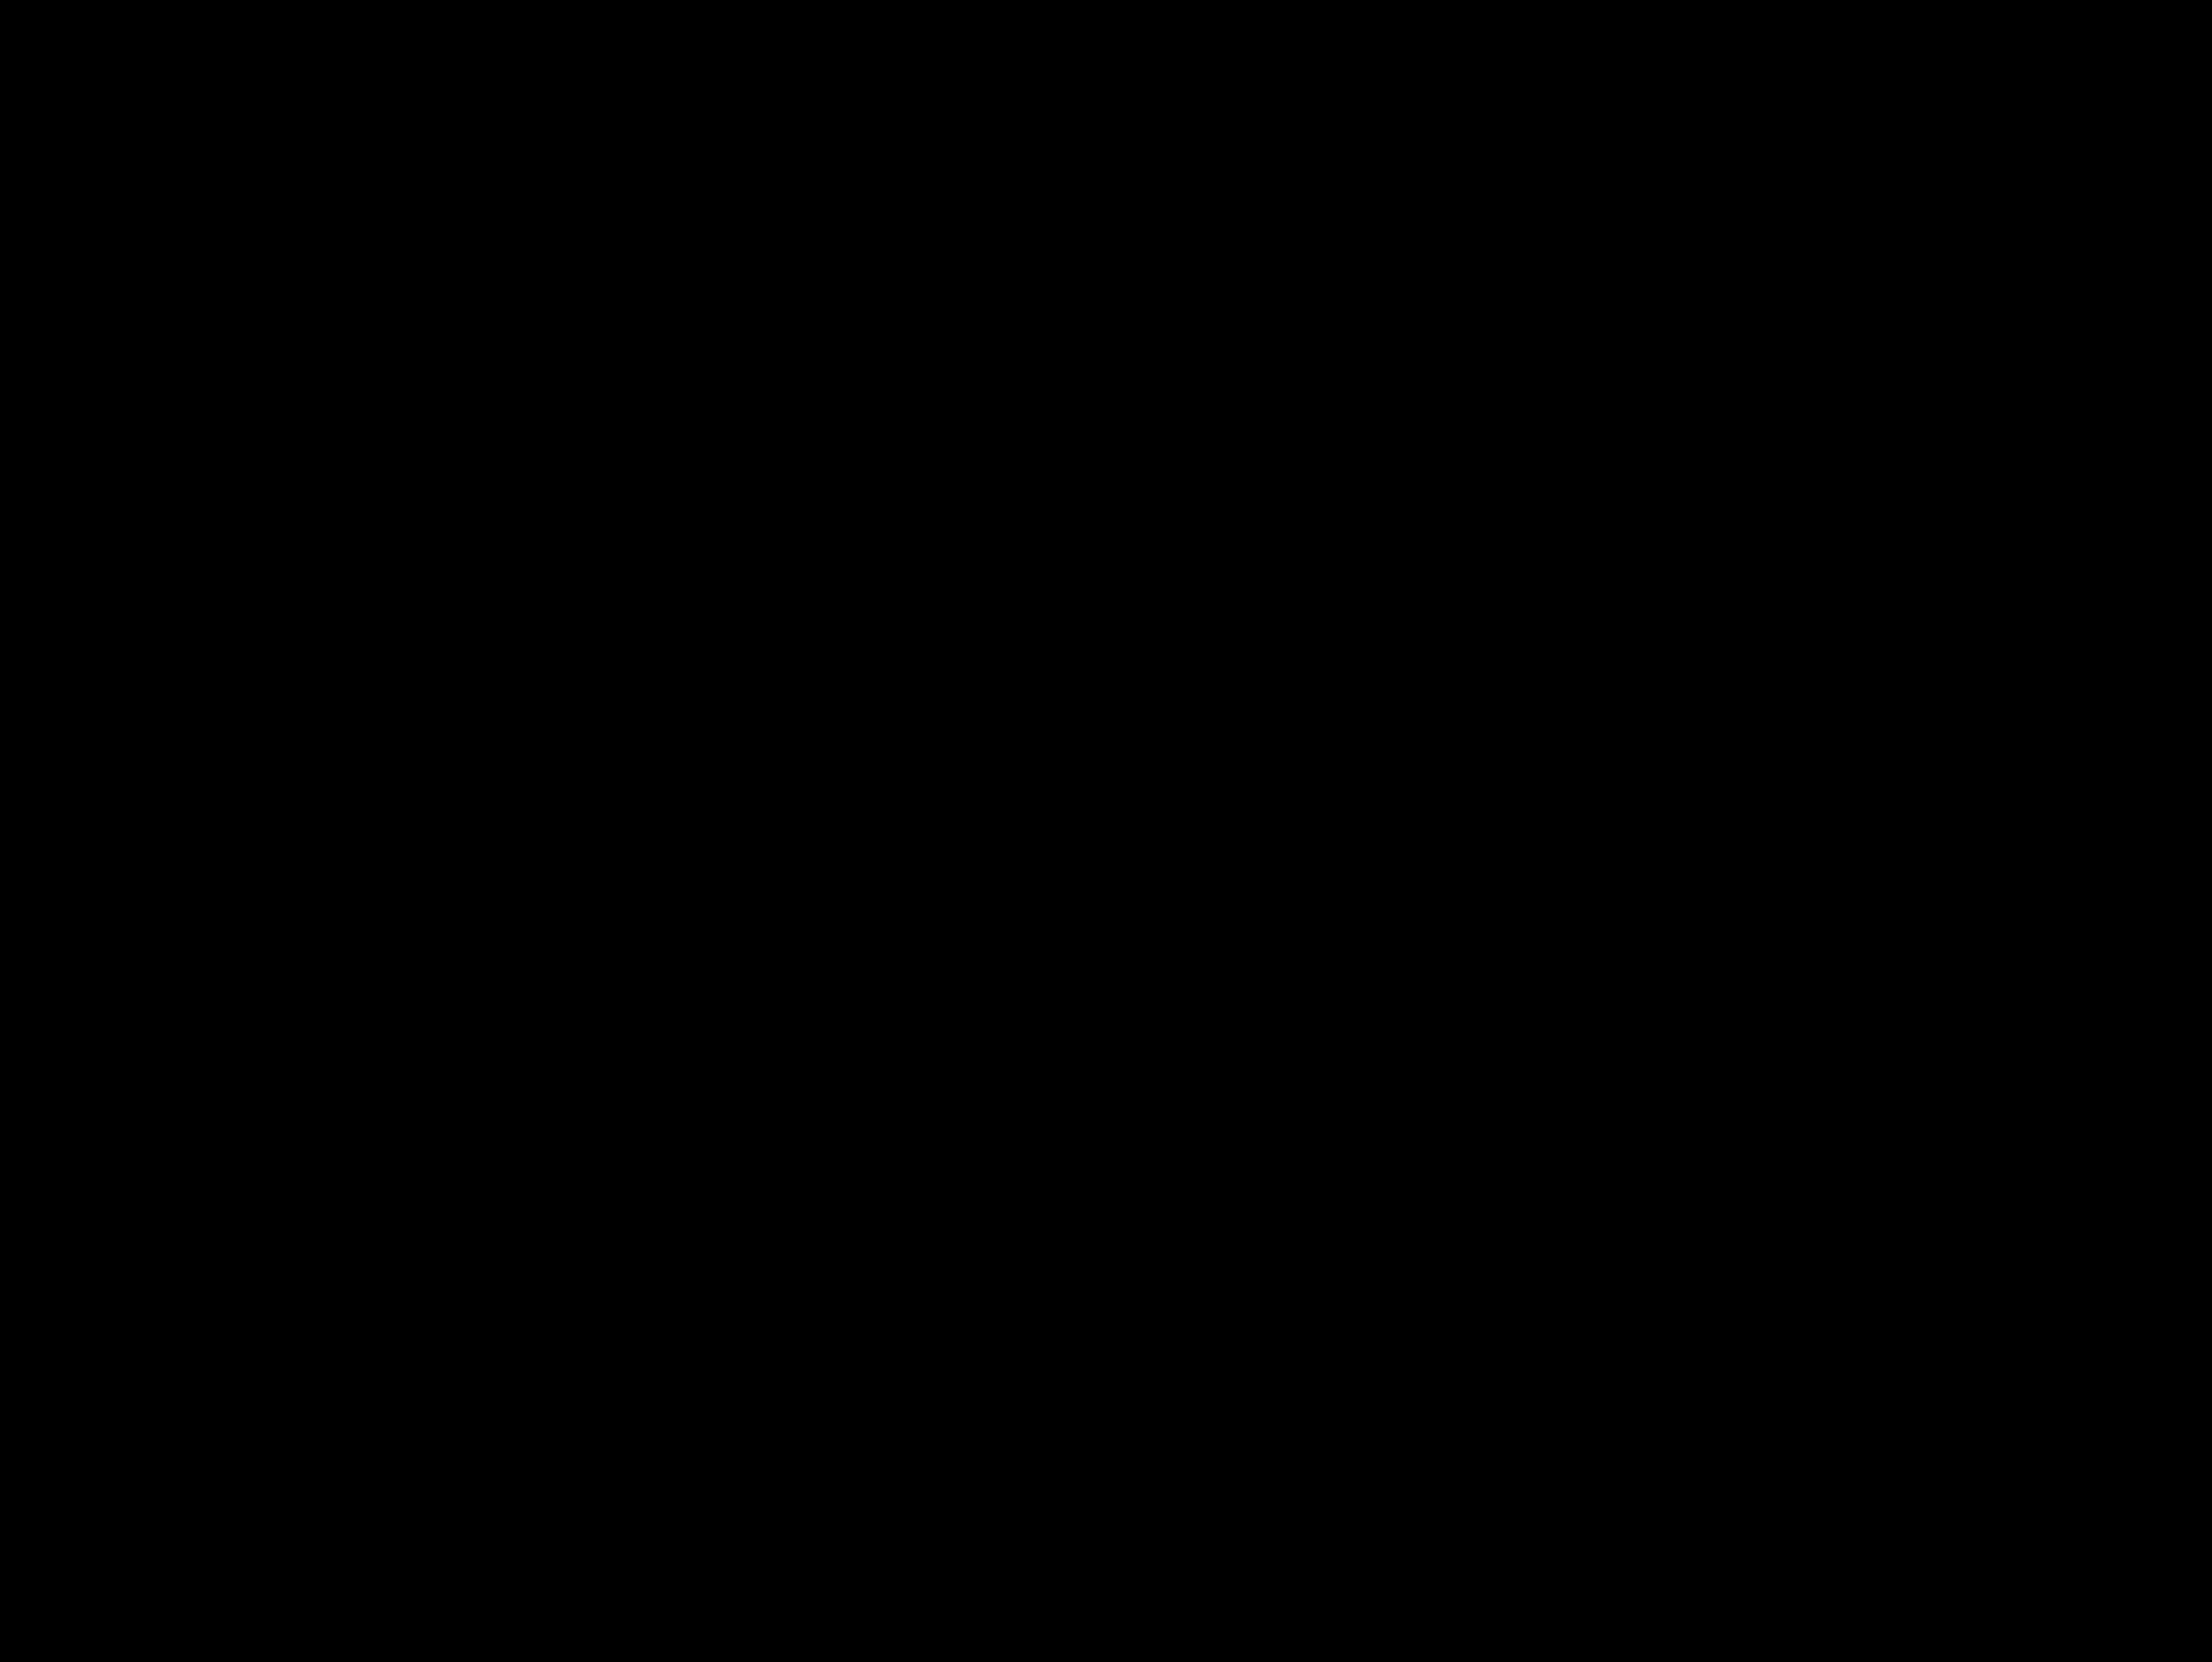 tantric massage rumpa xxx